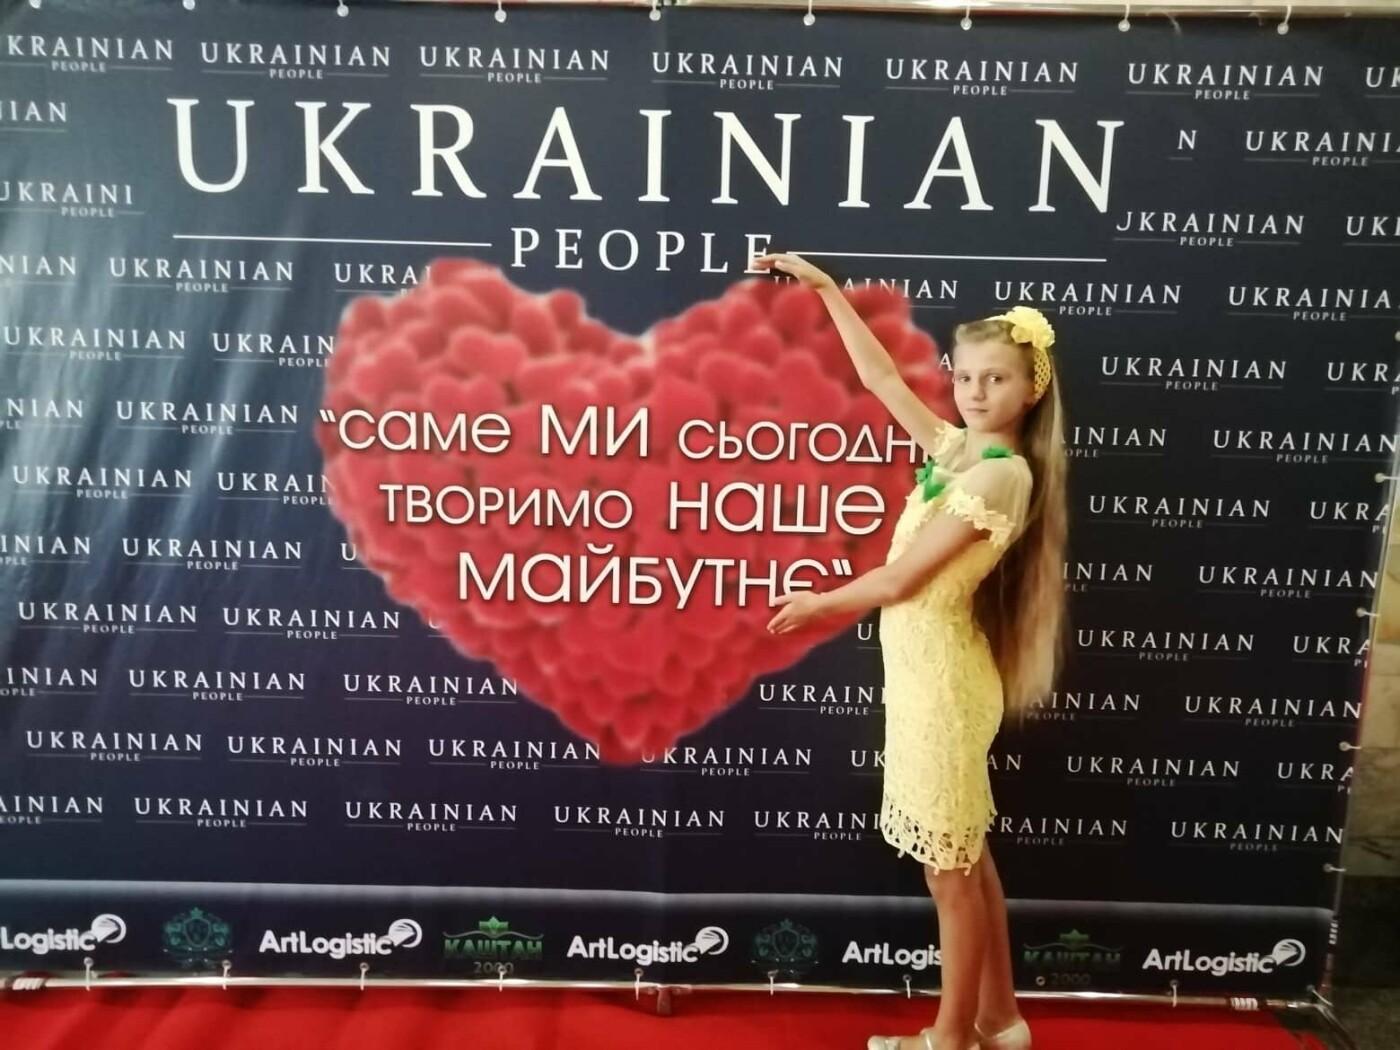 Дружковчанка Дана Третяк вошла в ТОП-25 самых выдающихся детей Украины (ФОТО), фото-2